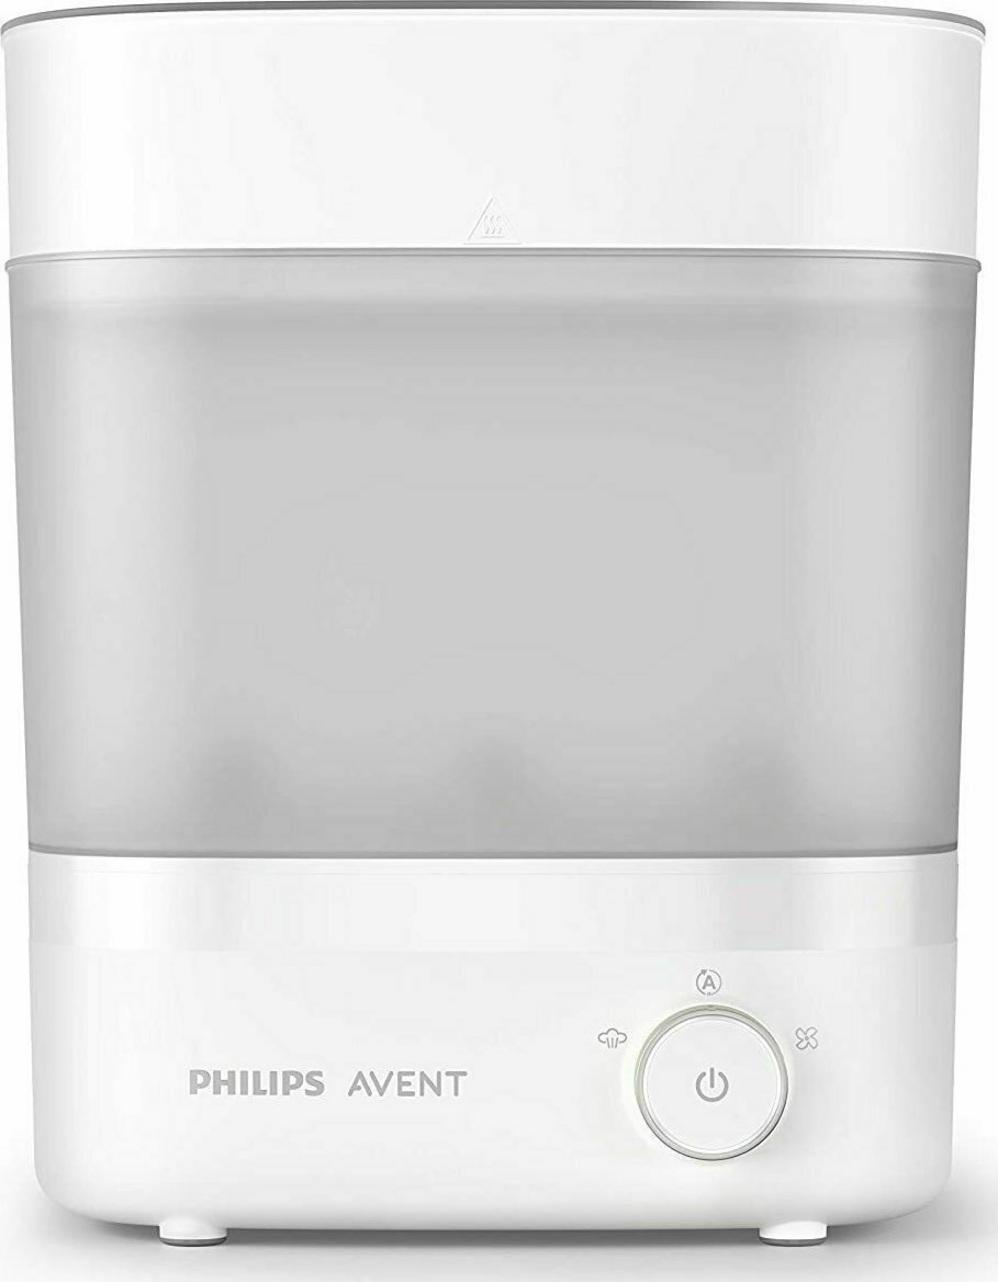 Philips - Avent Ηλεκτρικός Αποστειρωτής Ατμού